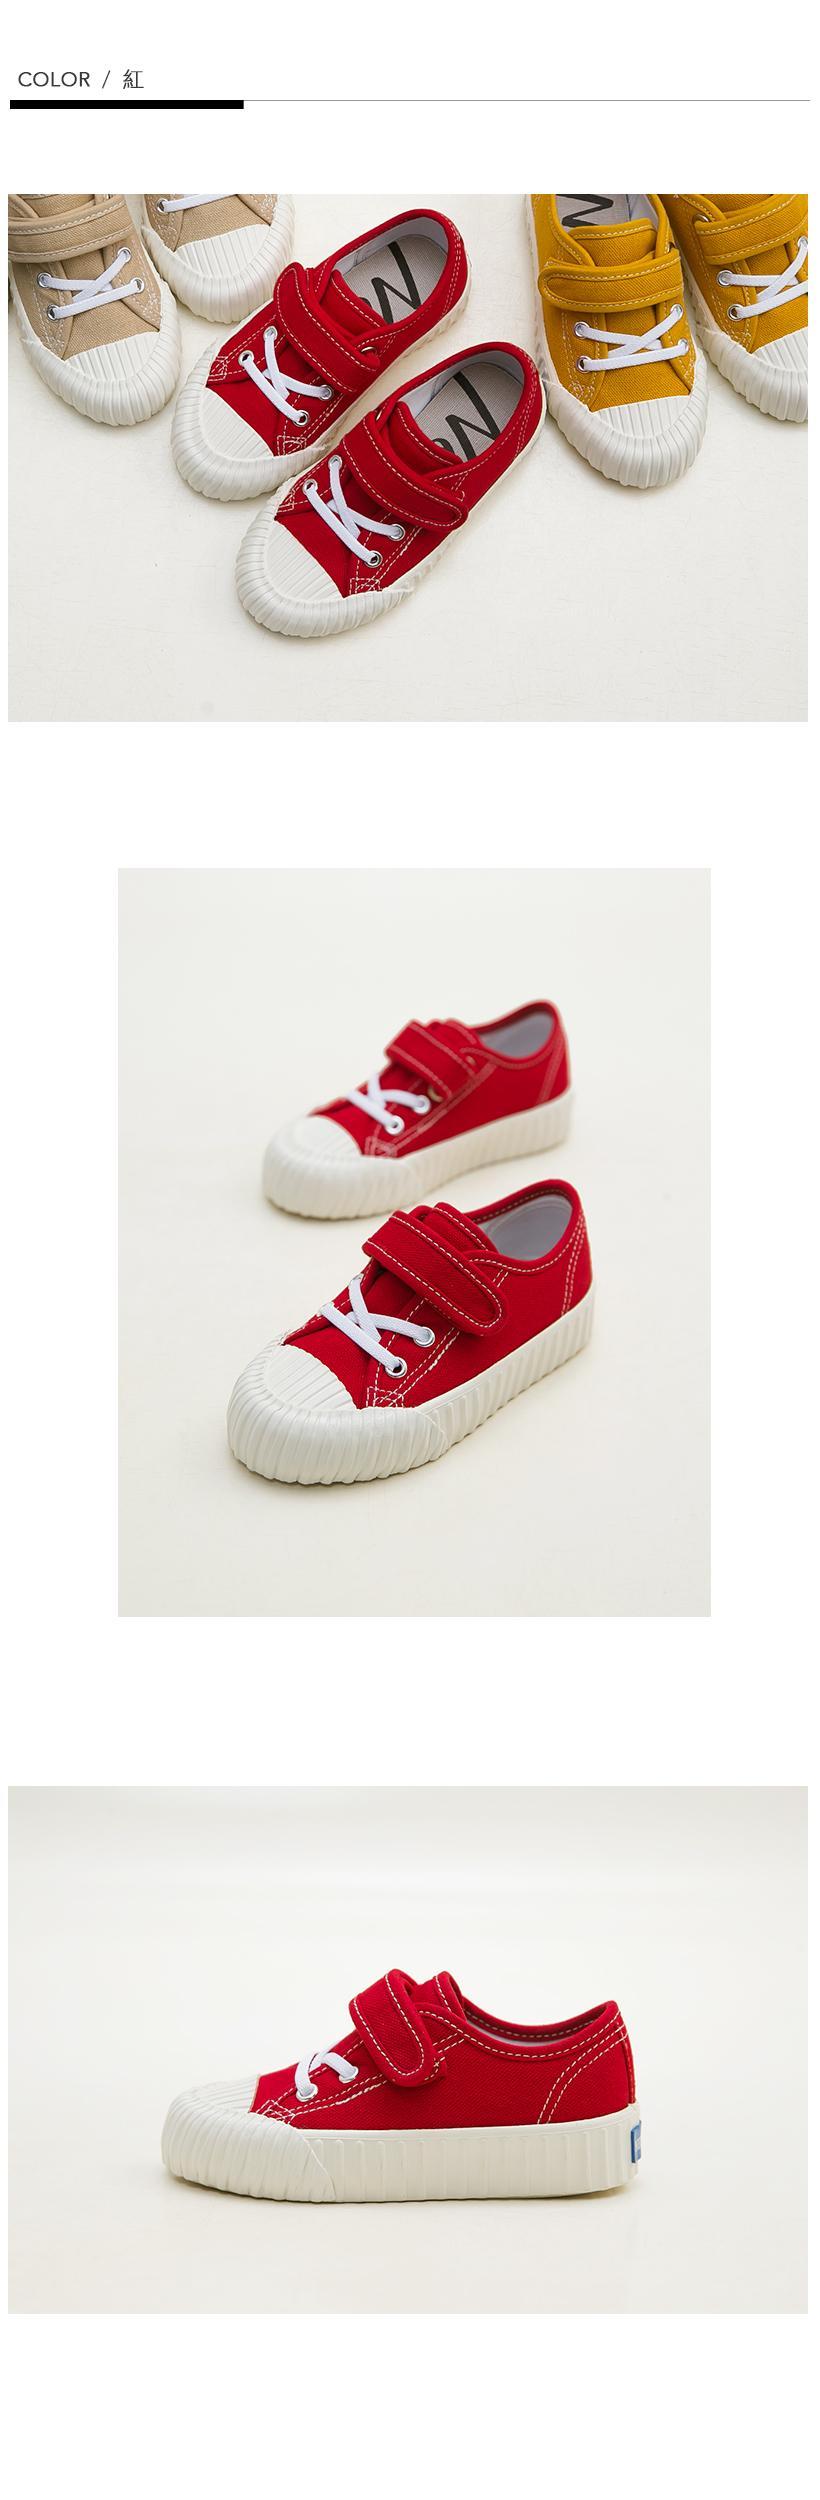 NeuTral-奶茶色防潑水餅乾鞋(紅)-KID